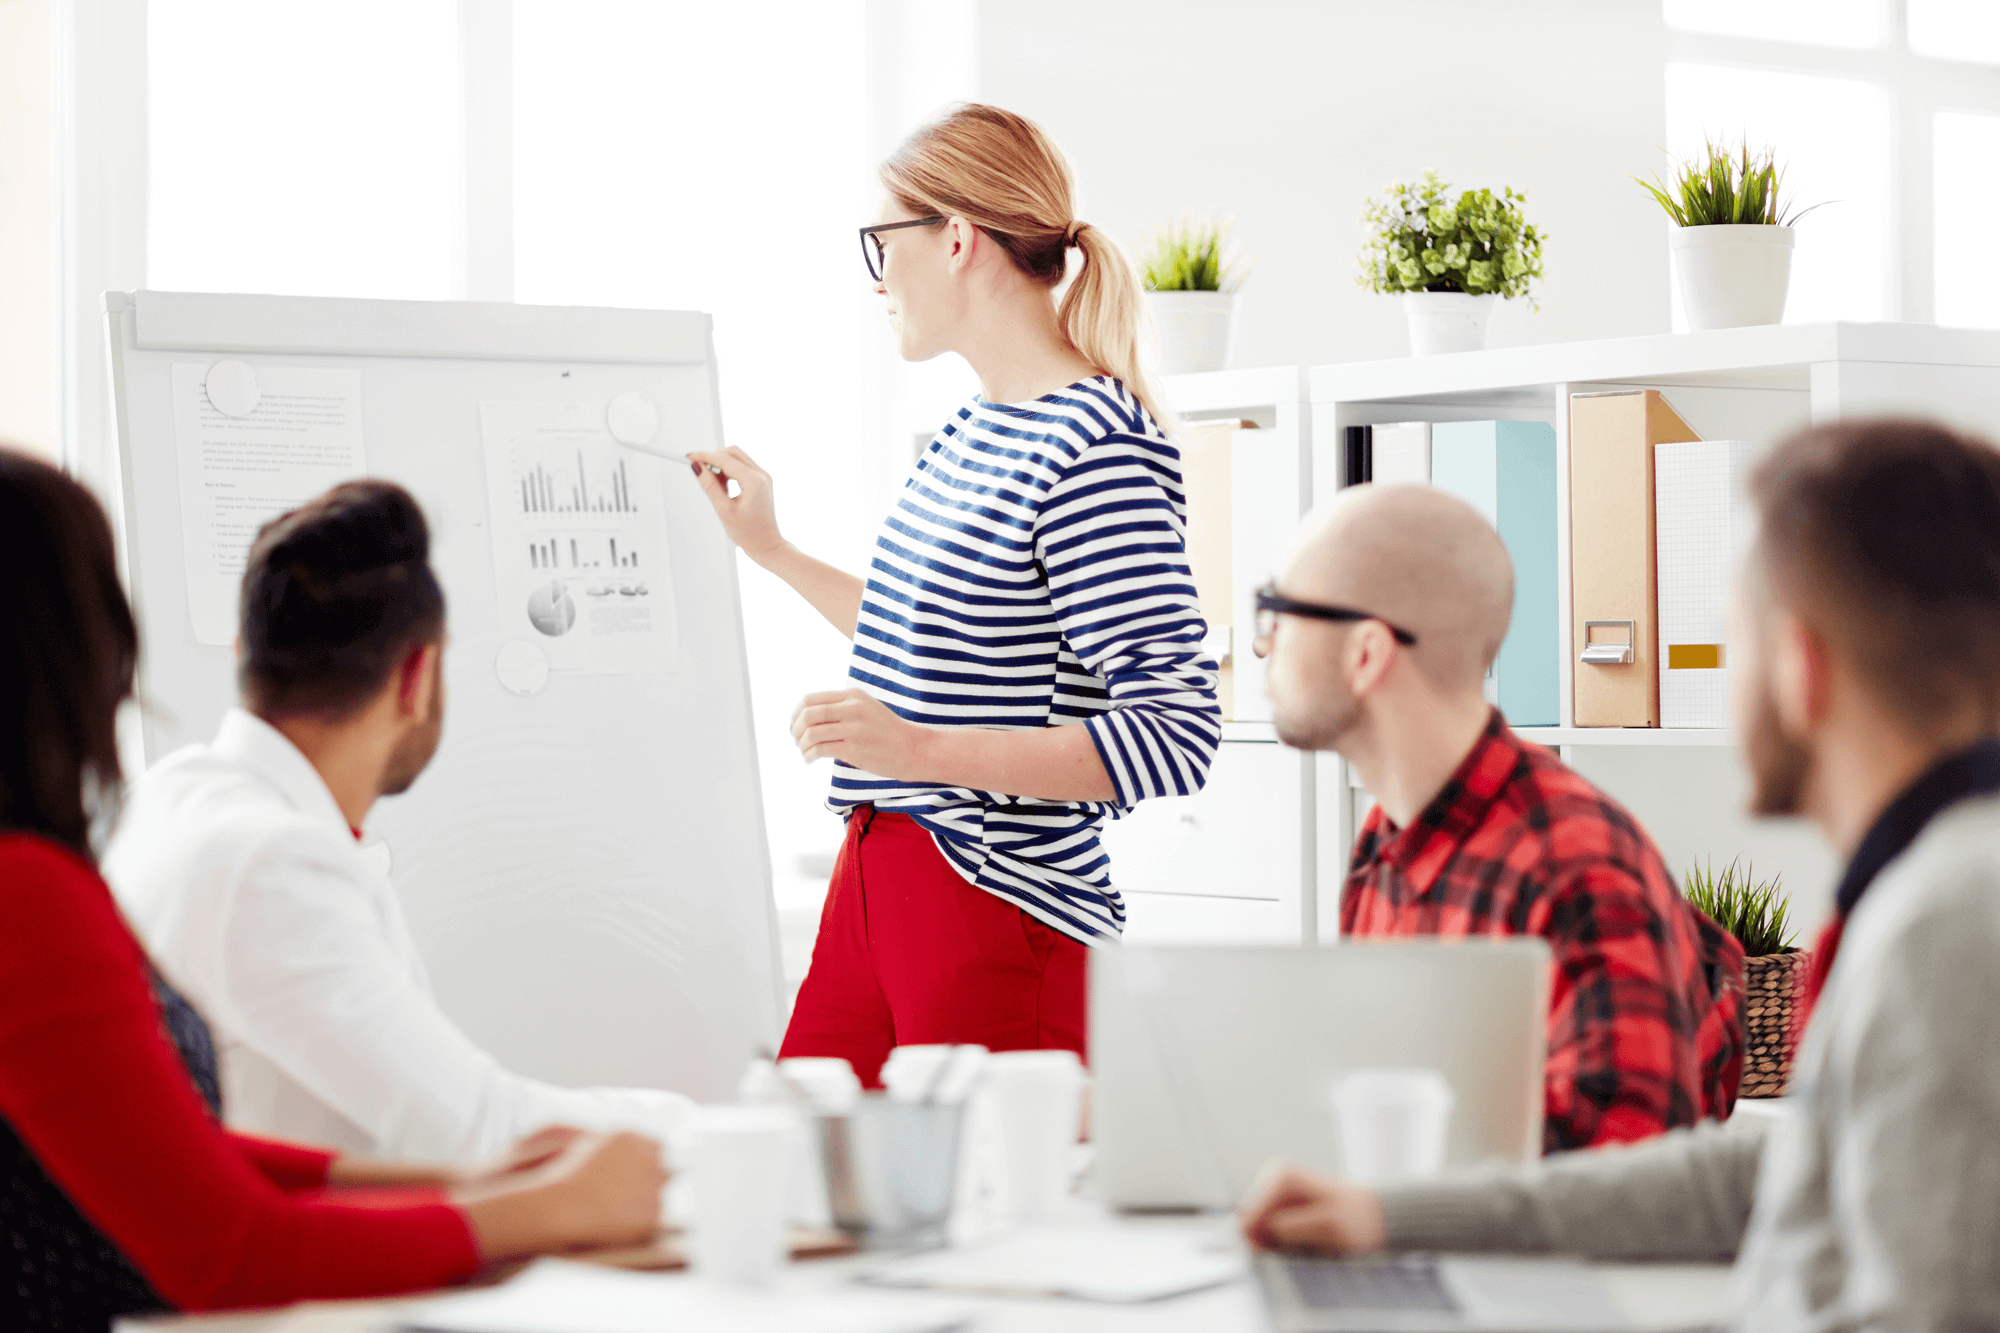 Maak jouw organisatie futureproof | Toekomstbestendige organisaties